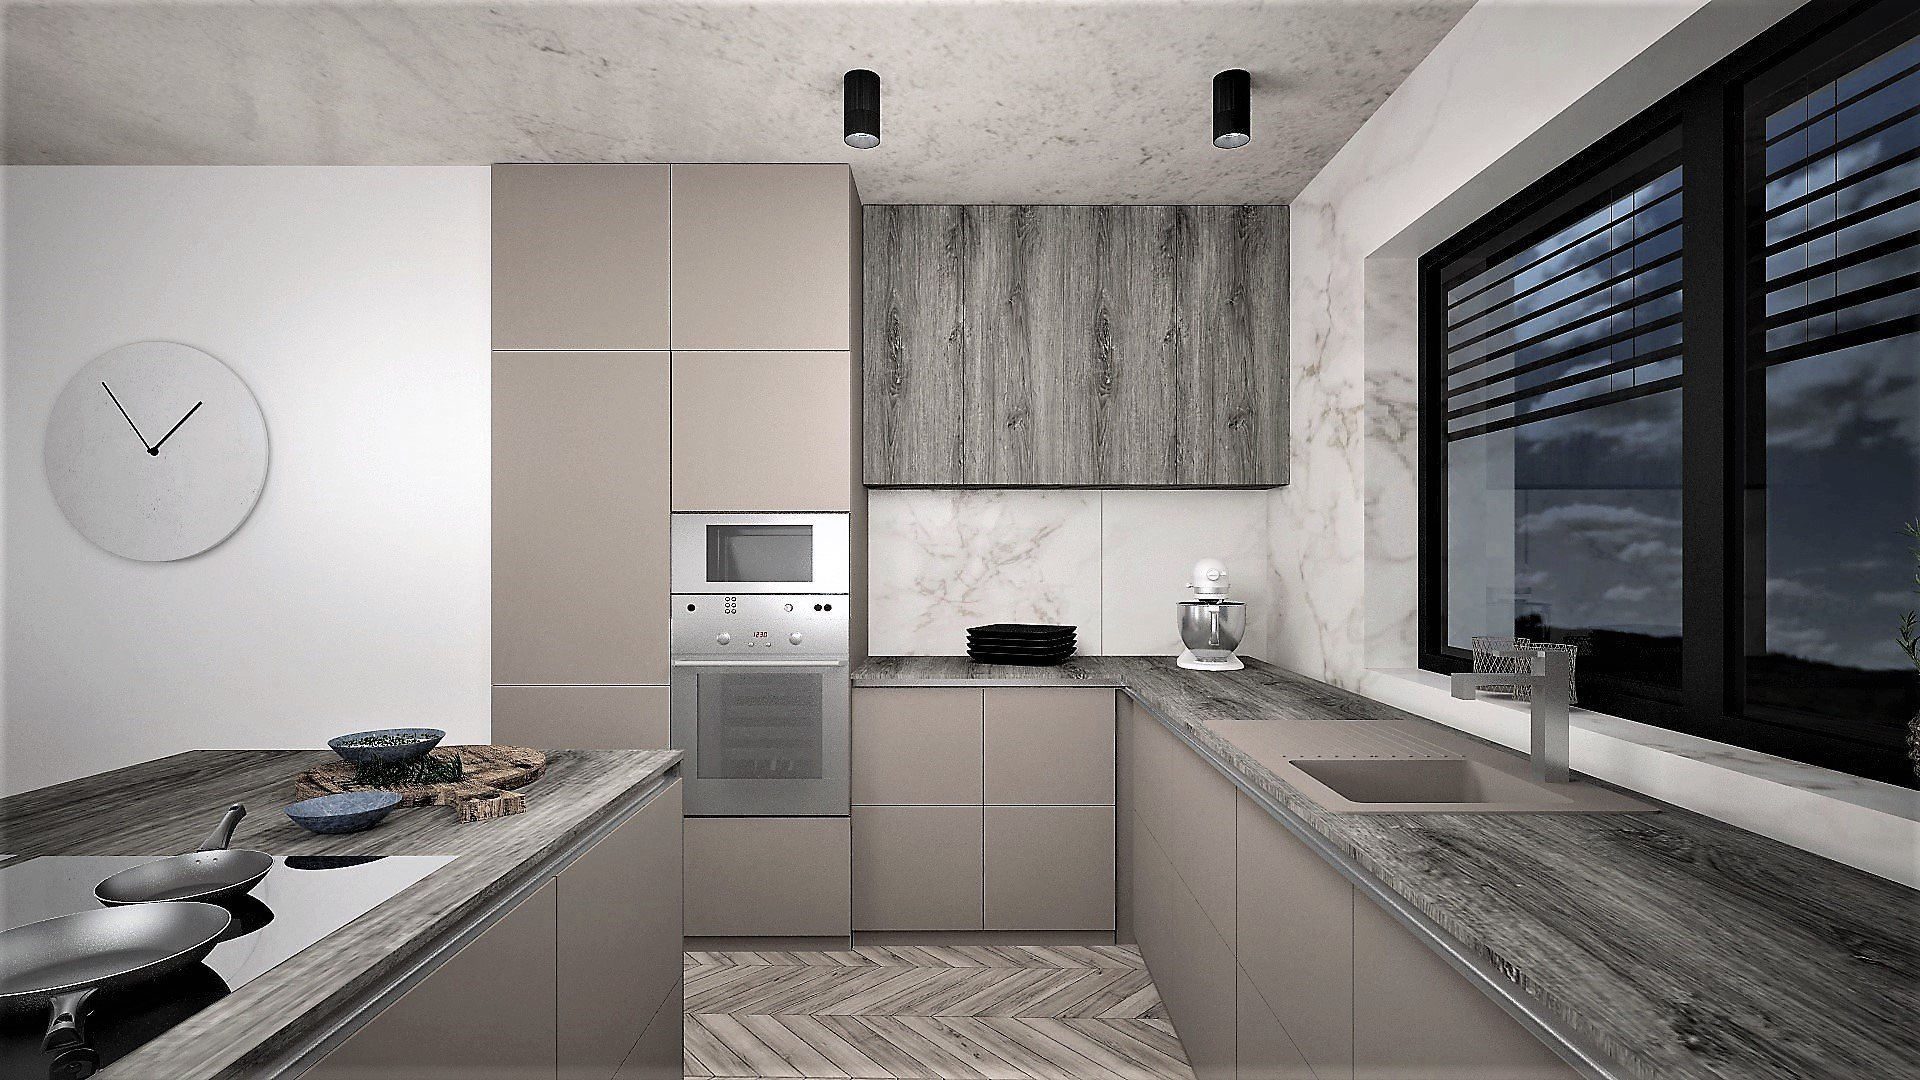 Interiér budoucího domu pro mladý sympatický pár, jehož zadáním bylo, aby interiér byl moderní s použitím odstínů šedé a taupe barvy. Případné barevné oživení…